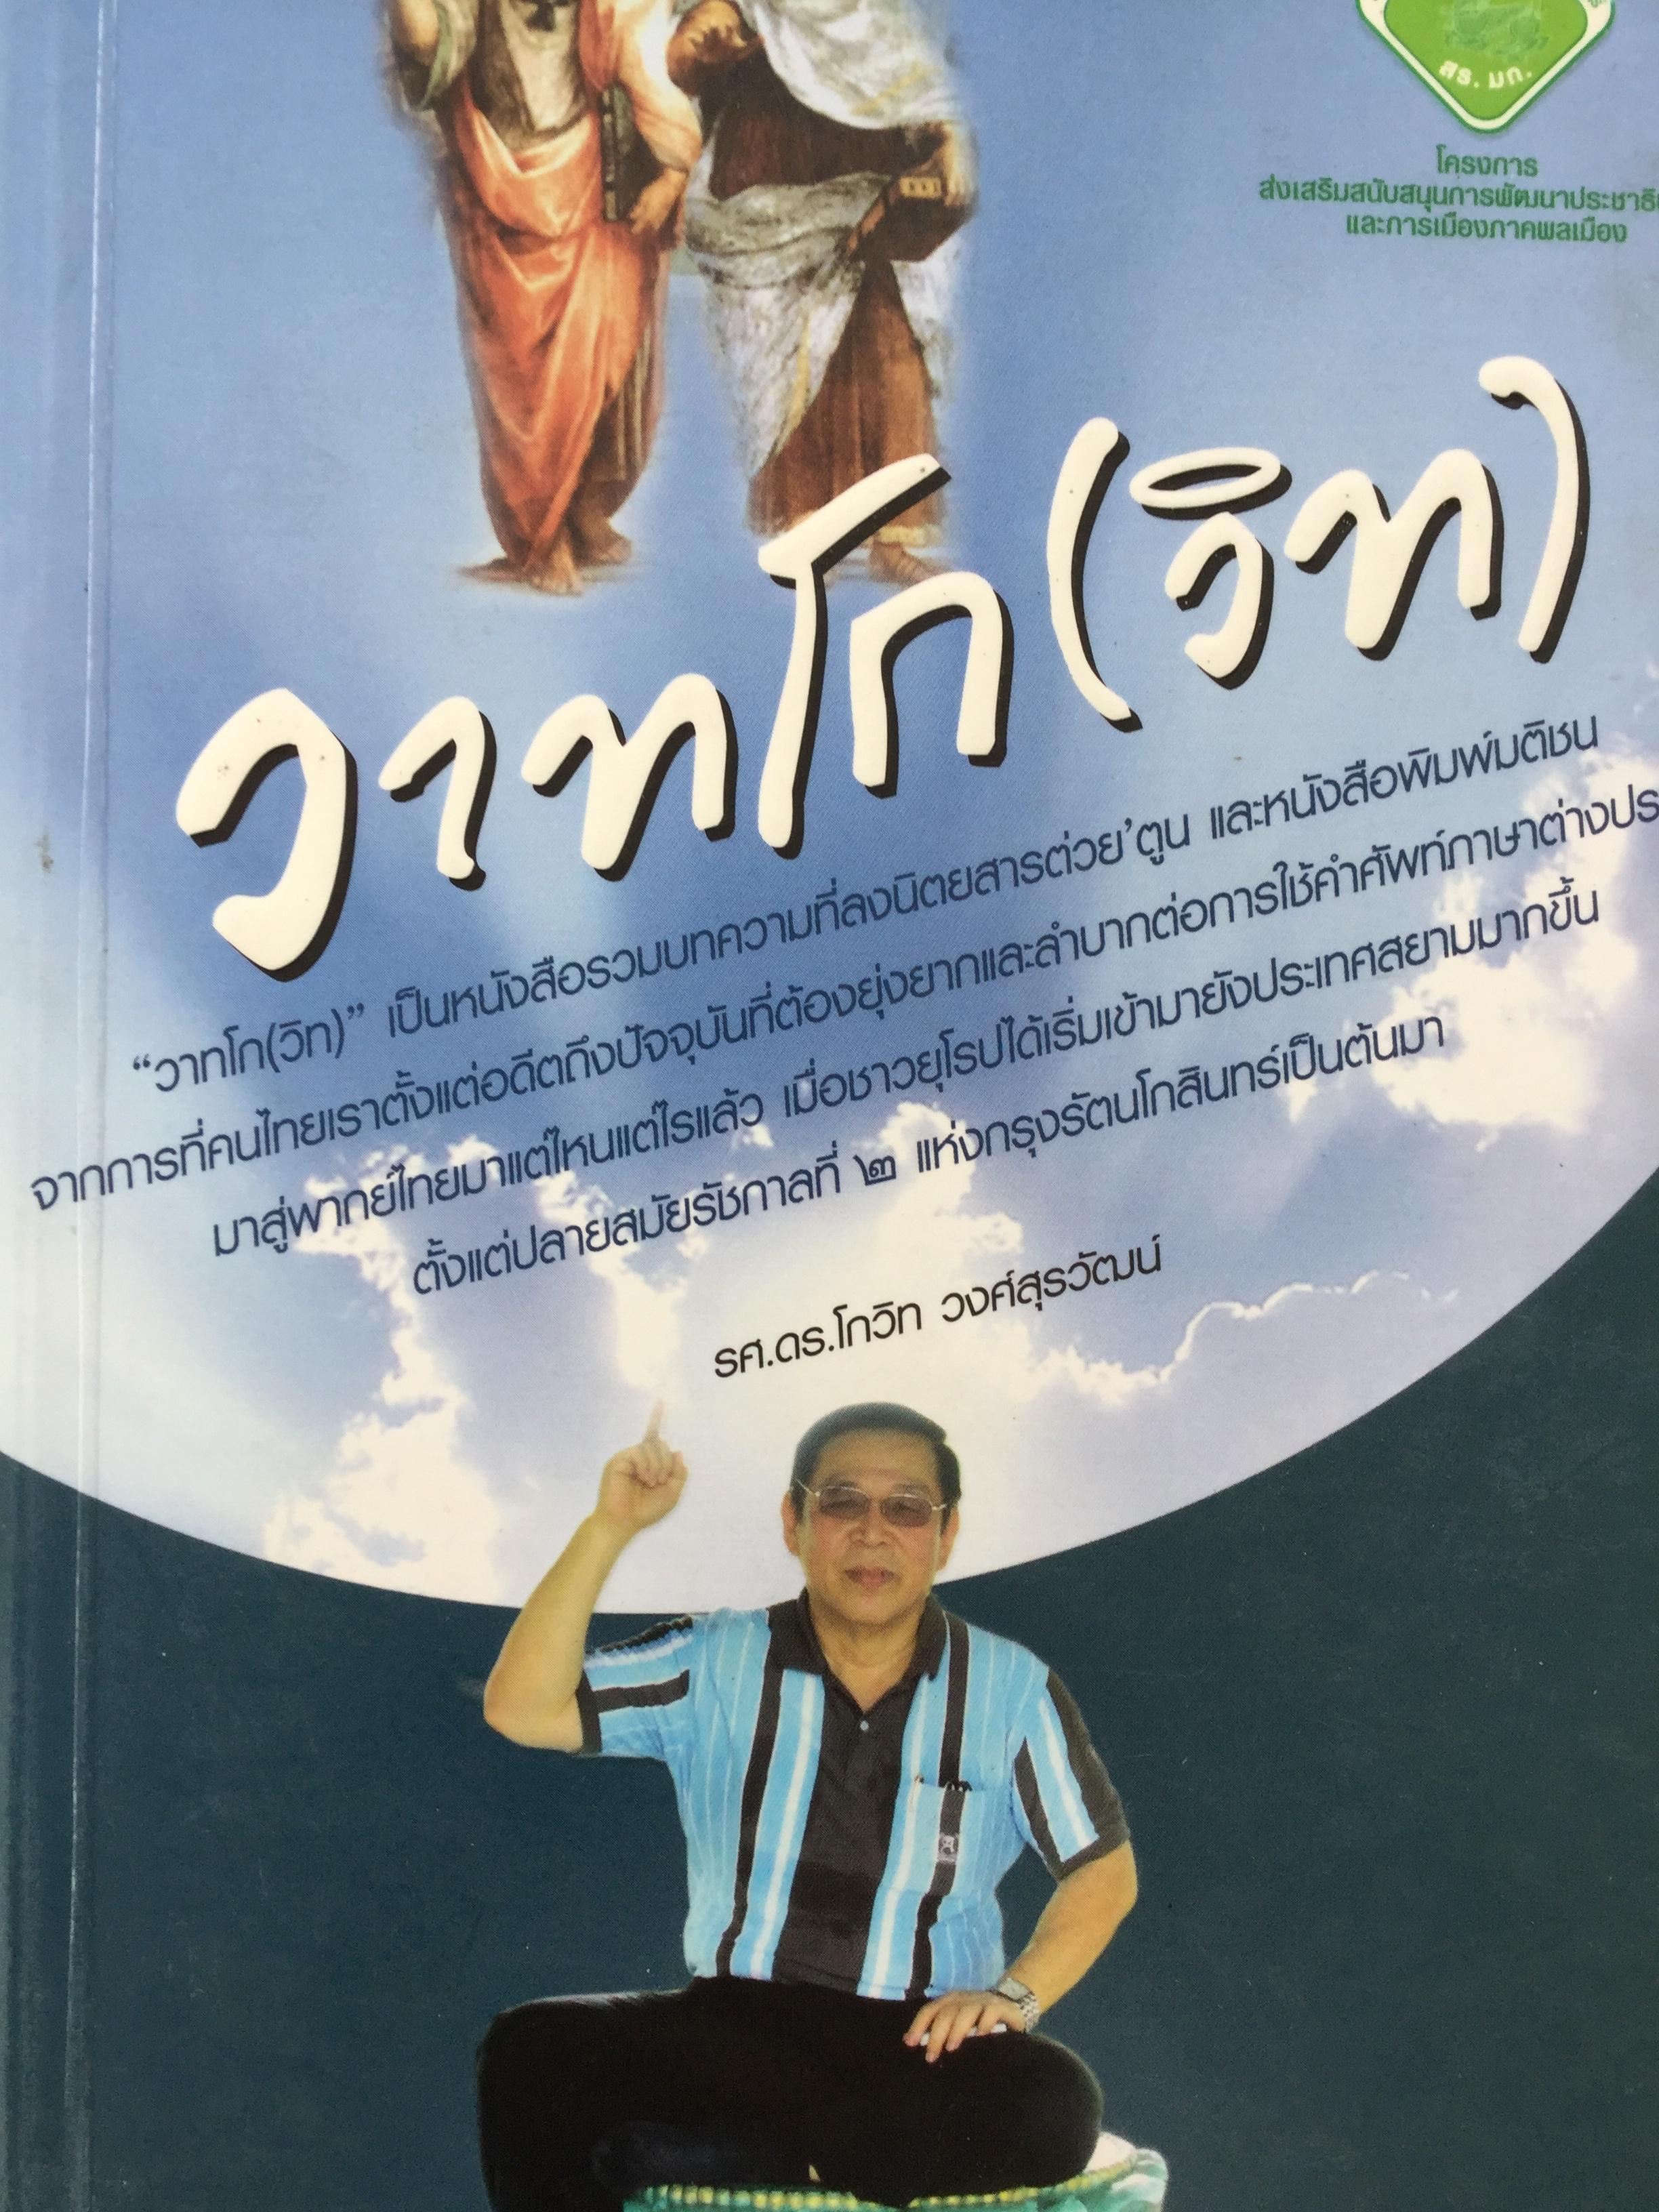 วาทโก(วิท). เป็นหนังสือรวมบทความที่ลงนิตยสารต่วยตูน และหนังสือพิมพ์มติชน โดย รศ.ดร.โกวิท วงศ์สุรวัฒน์